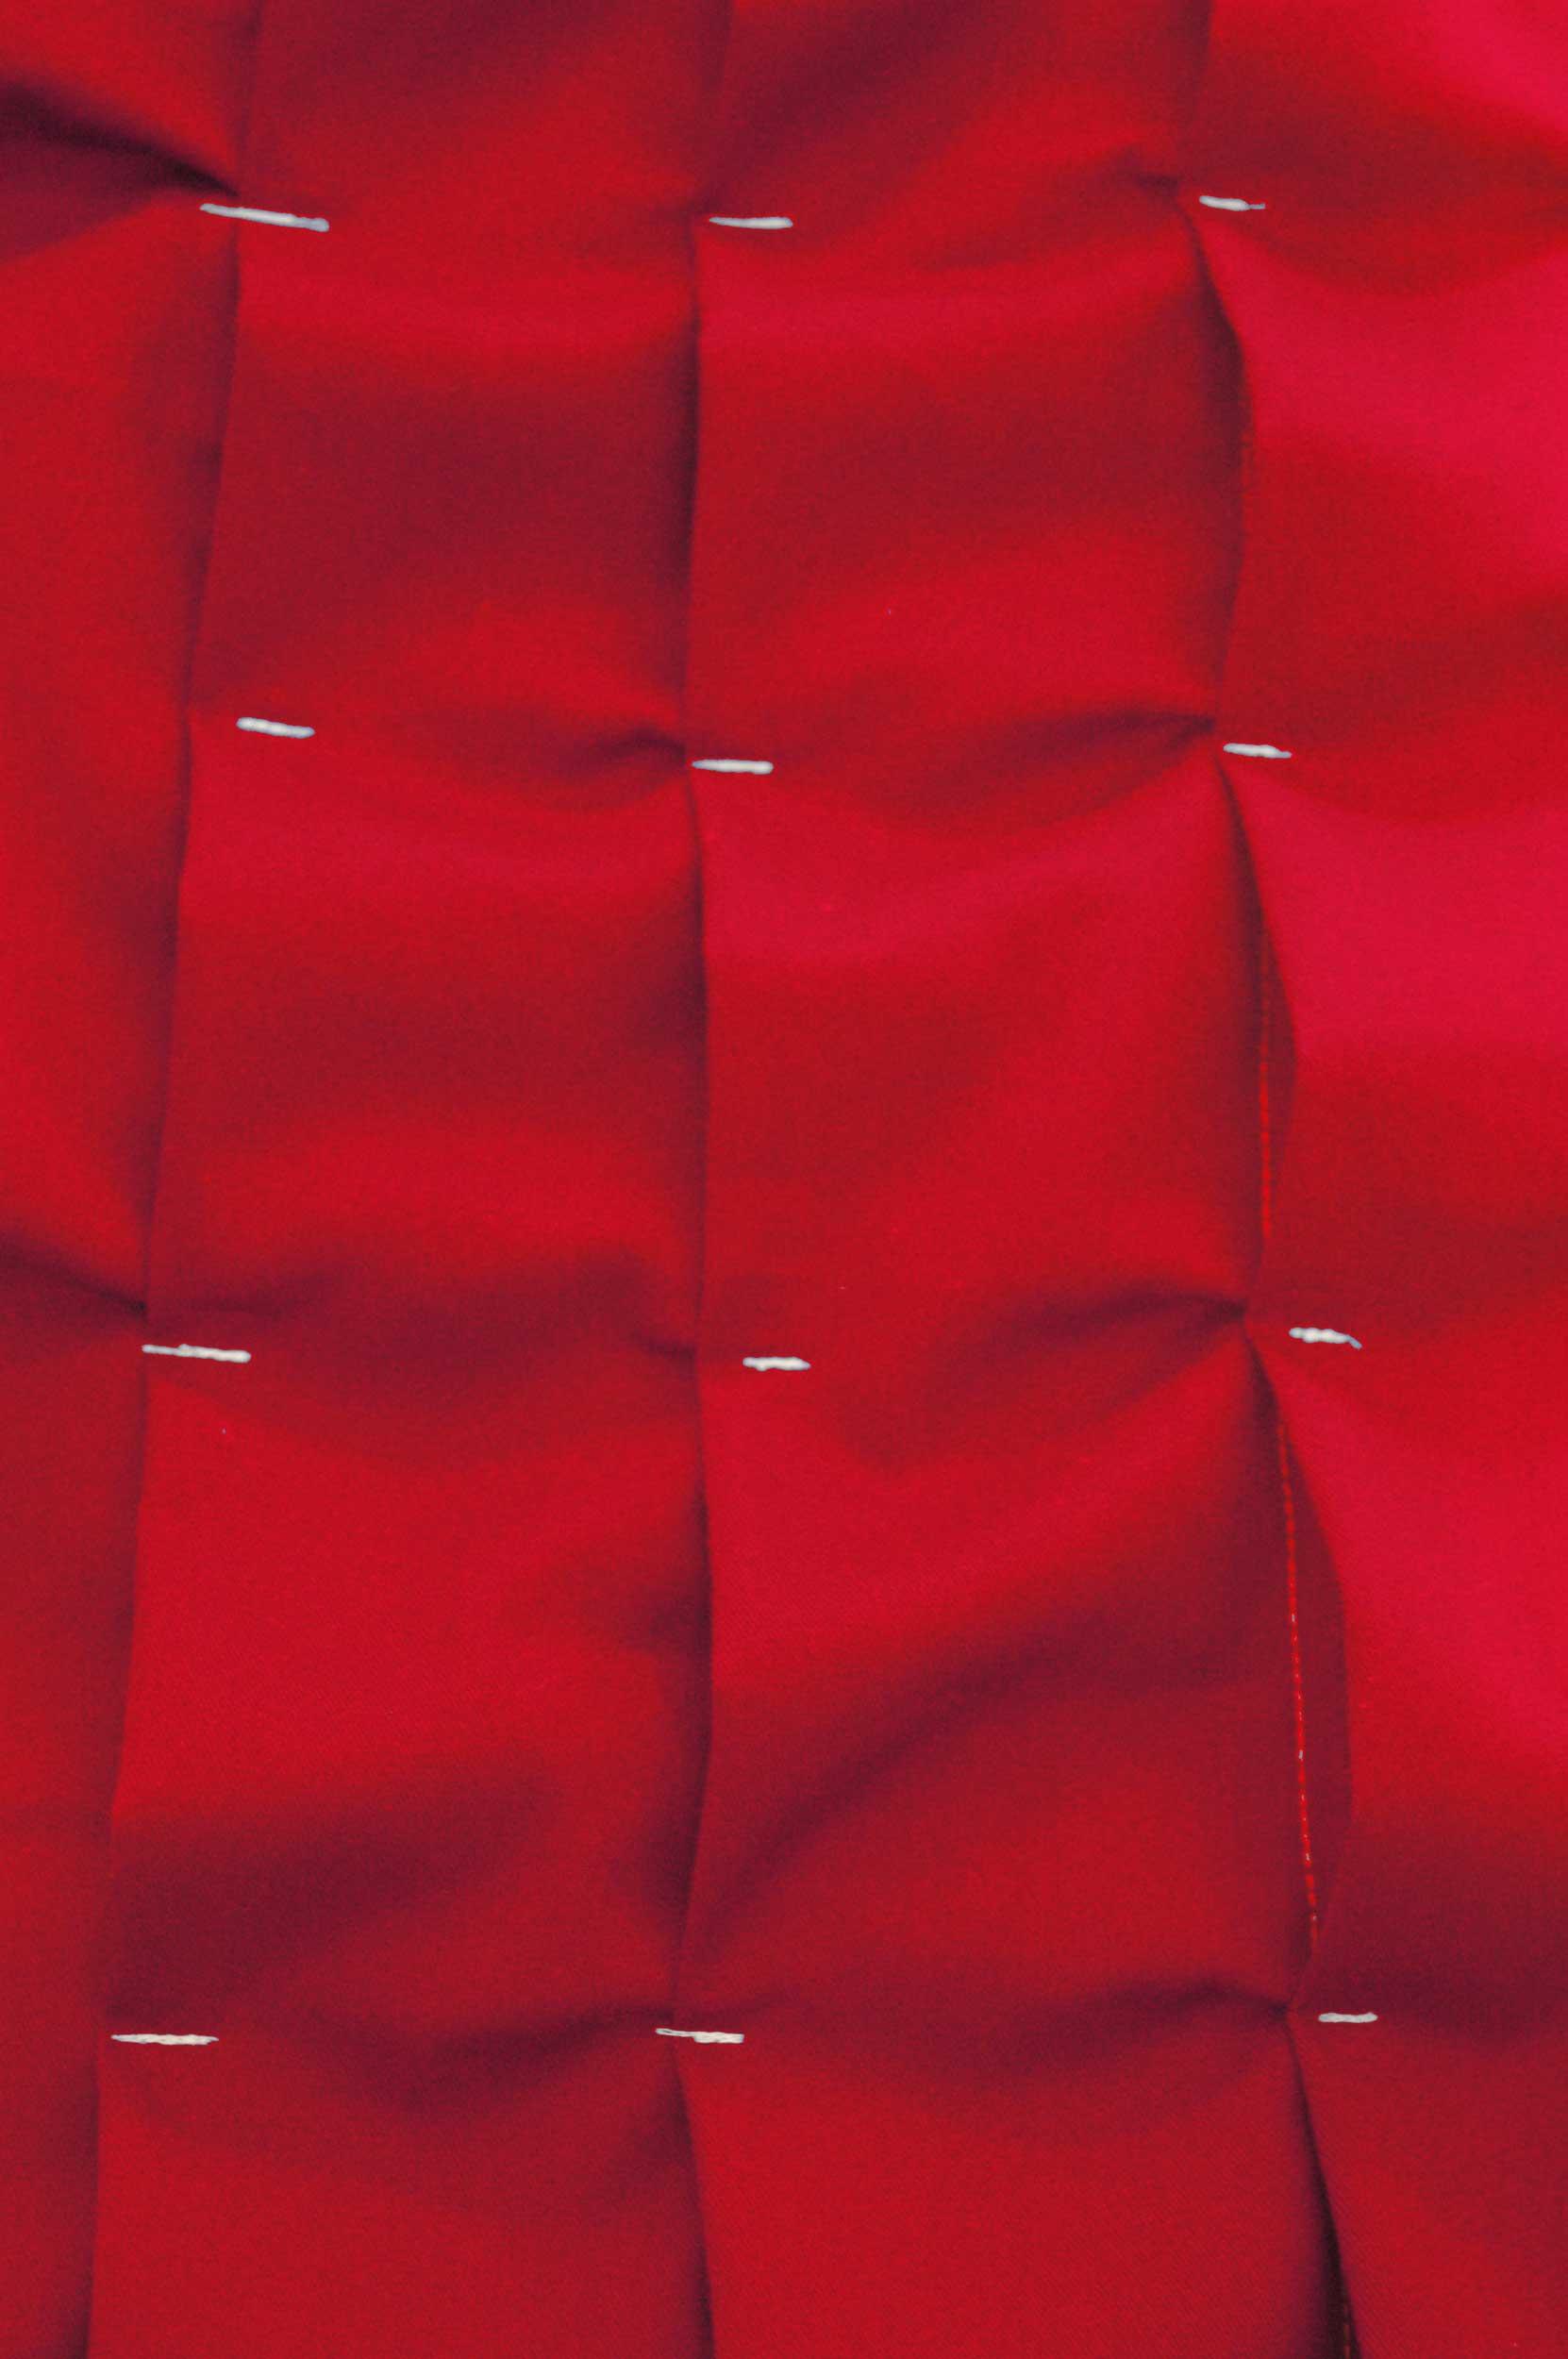 GordijnNo.2TheaterDoek - Het ontwerp van een origineel rood theatergordijn, maar dan wel met een twist.Het concept van het theatergordijn is enorm beïnvloed door de stof. Deze was een gift van de firma Ten Cate aan de stad Enschede. Het gekozen materiaal uit hun collectie wordt normaliter gebruikt voor tenten, werkkleding en uniformen. Doordat deze stof zelf niet aan de technische eisen van een theatertextiel voldoet (qua gewicht, licht en geluidsabsorptie) hebben we de stof 3 maal toe gevouwen over zijn eigen oppervlakte waardoor er een zwaar gordijn ontstaat met een driedimensionale structuur van geopende vierkanten.De compositie van vierkanten is een tegenbeweging tegen de rondlopende patronen in de foyer en het auditorium. Terwijl de halve cirkel, van waaruit de gevouwen structuur plooien openvallen, indirect refereert aan diezelfde cirkels.Een zwart wit kamperkoelie print is subtiel verborgen in de vouwen en plooien van het gordijn, ze komt alleen tevoorschijn wanneer het gordijn beweegt.Kimik ontwerpt een maakt originele gordijnen voor jouw ruimte.De ontwerpen worden gemaakt in overleg, met een originele twist die jouw gordijnen uniek maken. Neem contact met ons op voor een eigen ontwerp of voor meer informatie!